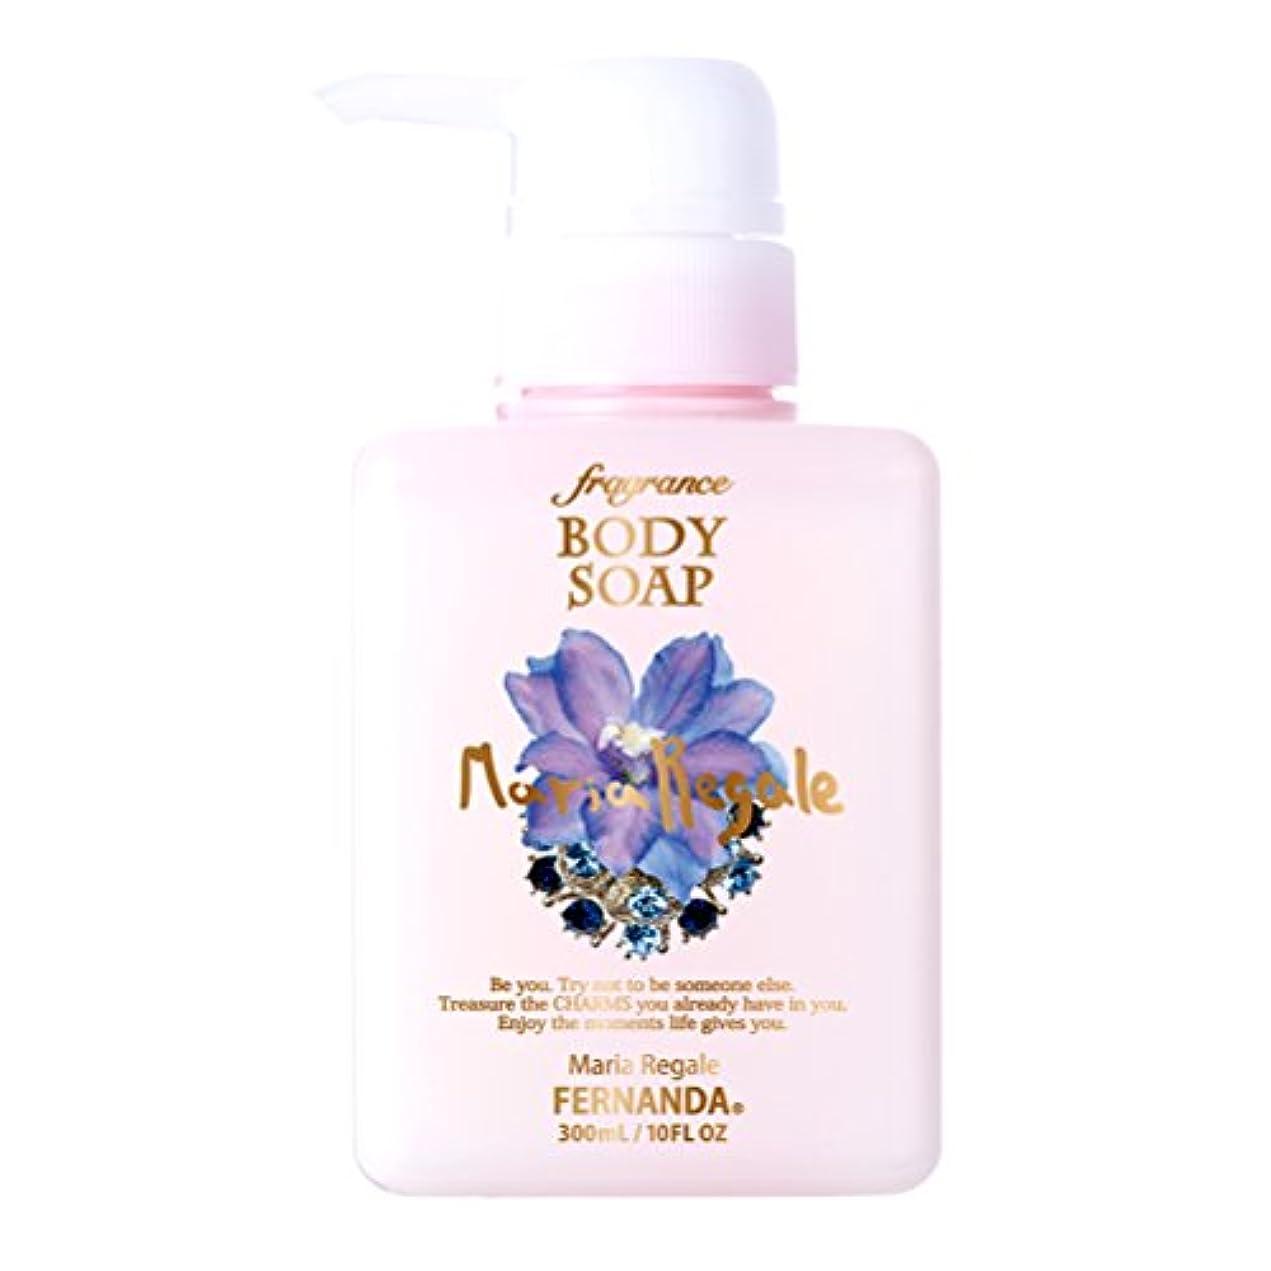 ピンクエステート大量FERNANDA(フェルナンダ) Fragrance Body Soap Maria Regale (ボディソープ マリアリゲル) FJBS0003